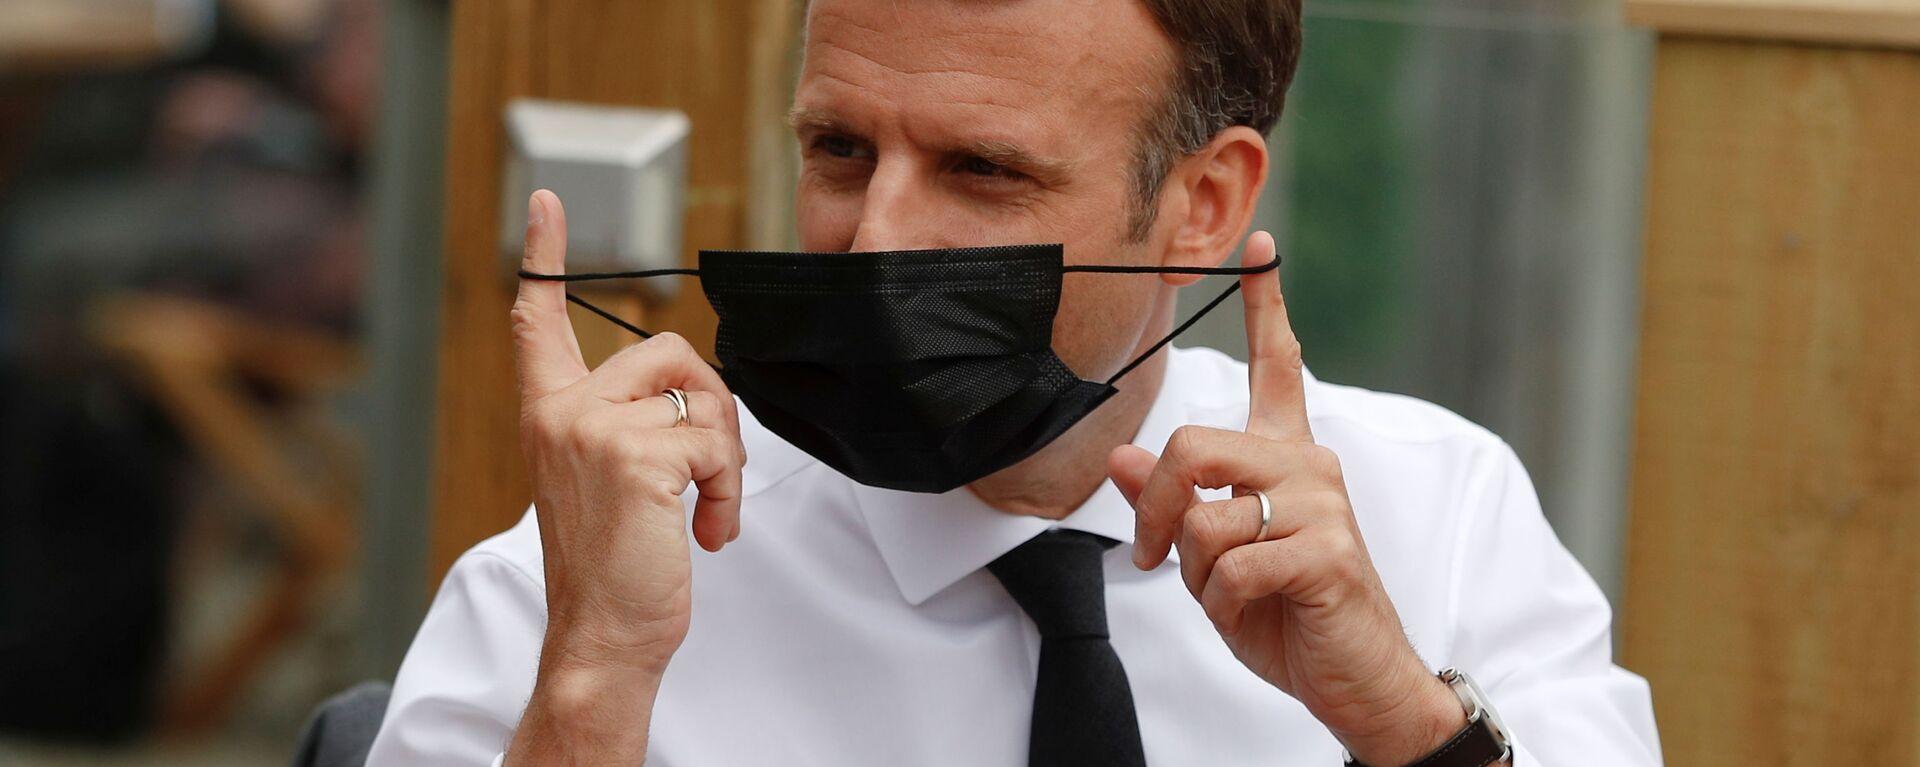 Prezydent Francji Emmanuel Macron - Sputnik Polska, 1920, 13.06.2021